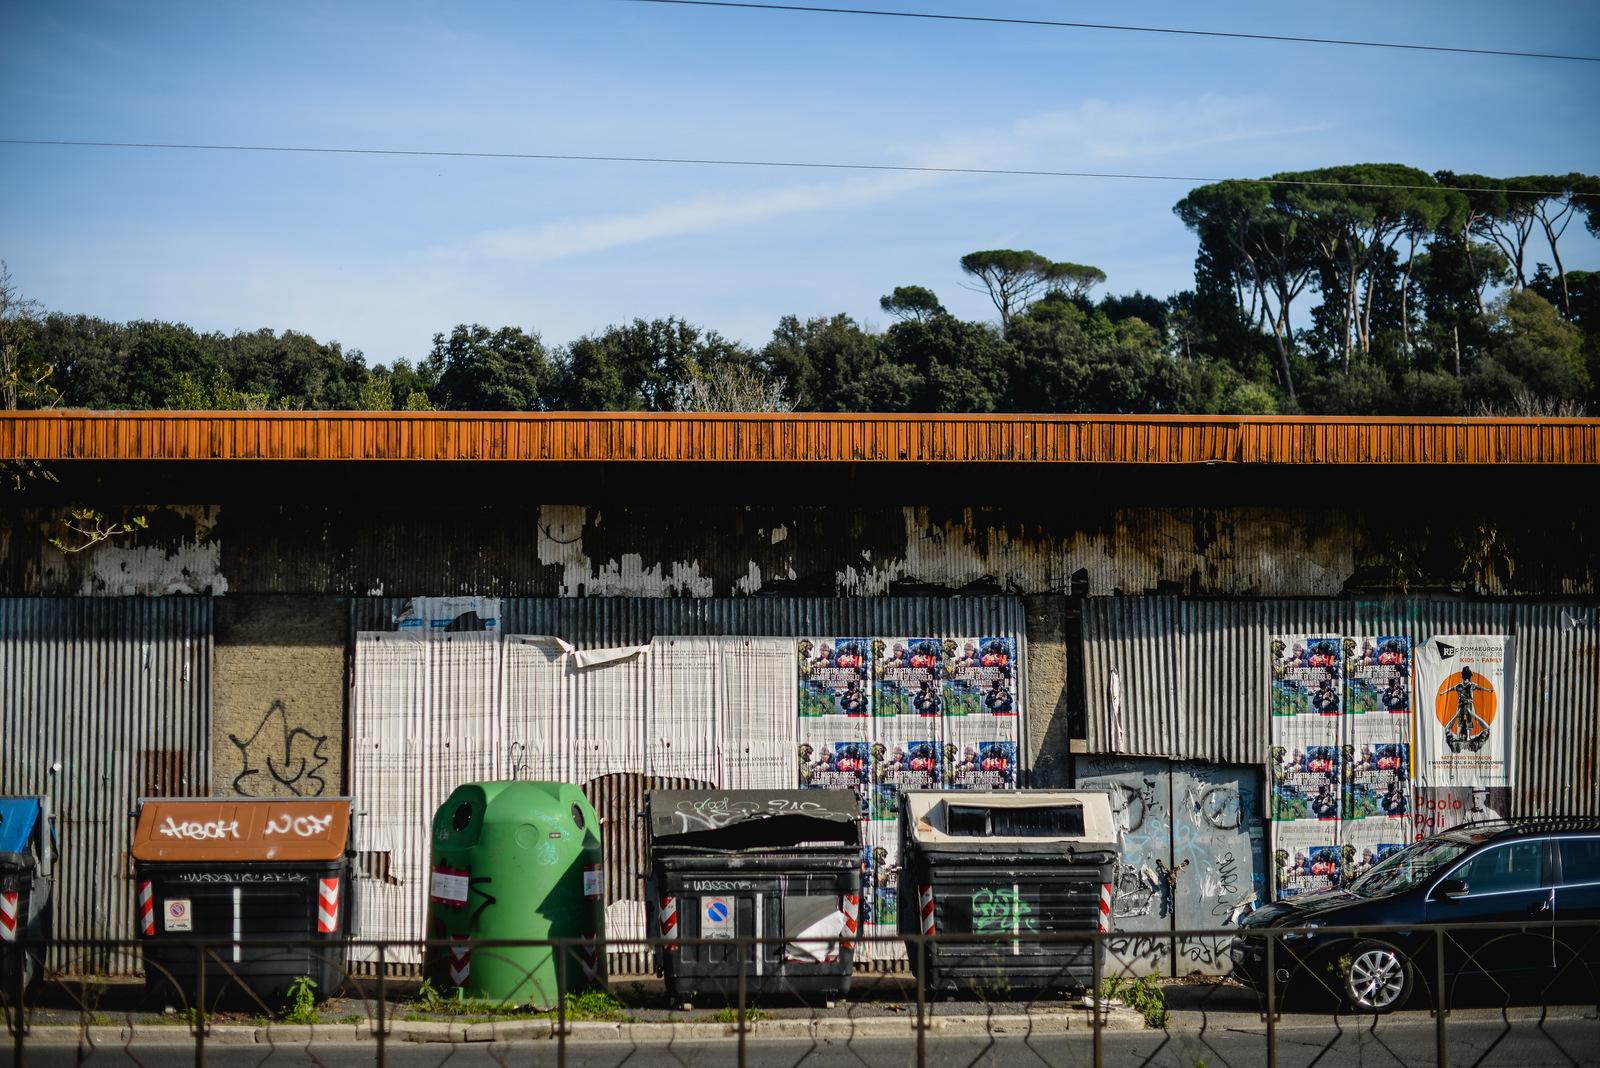 07-Rome 5-25.jpg